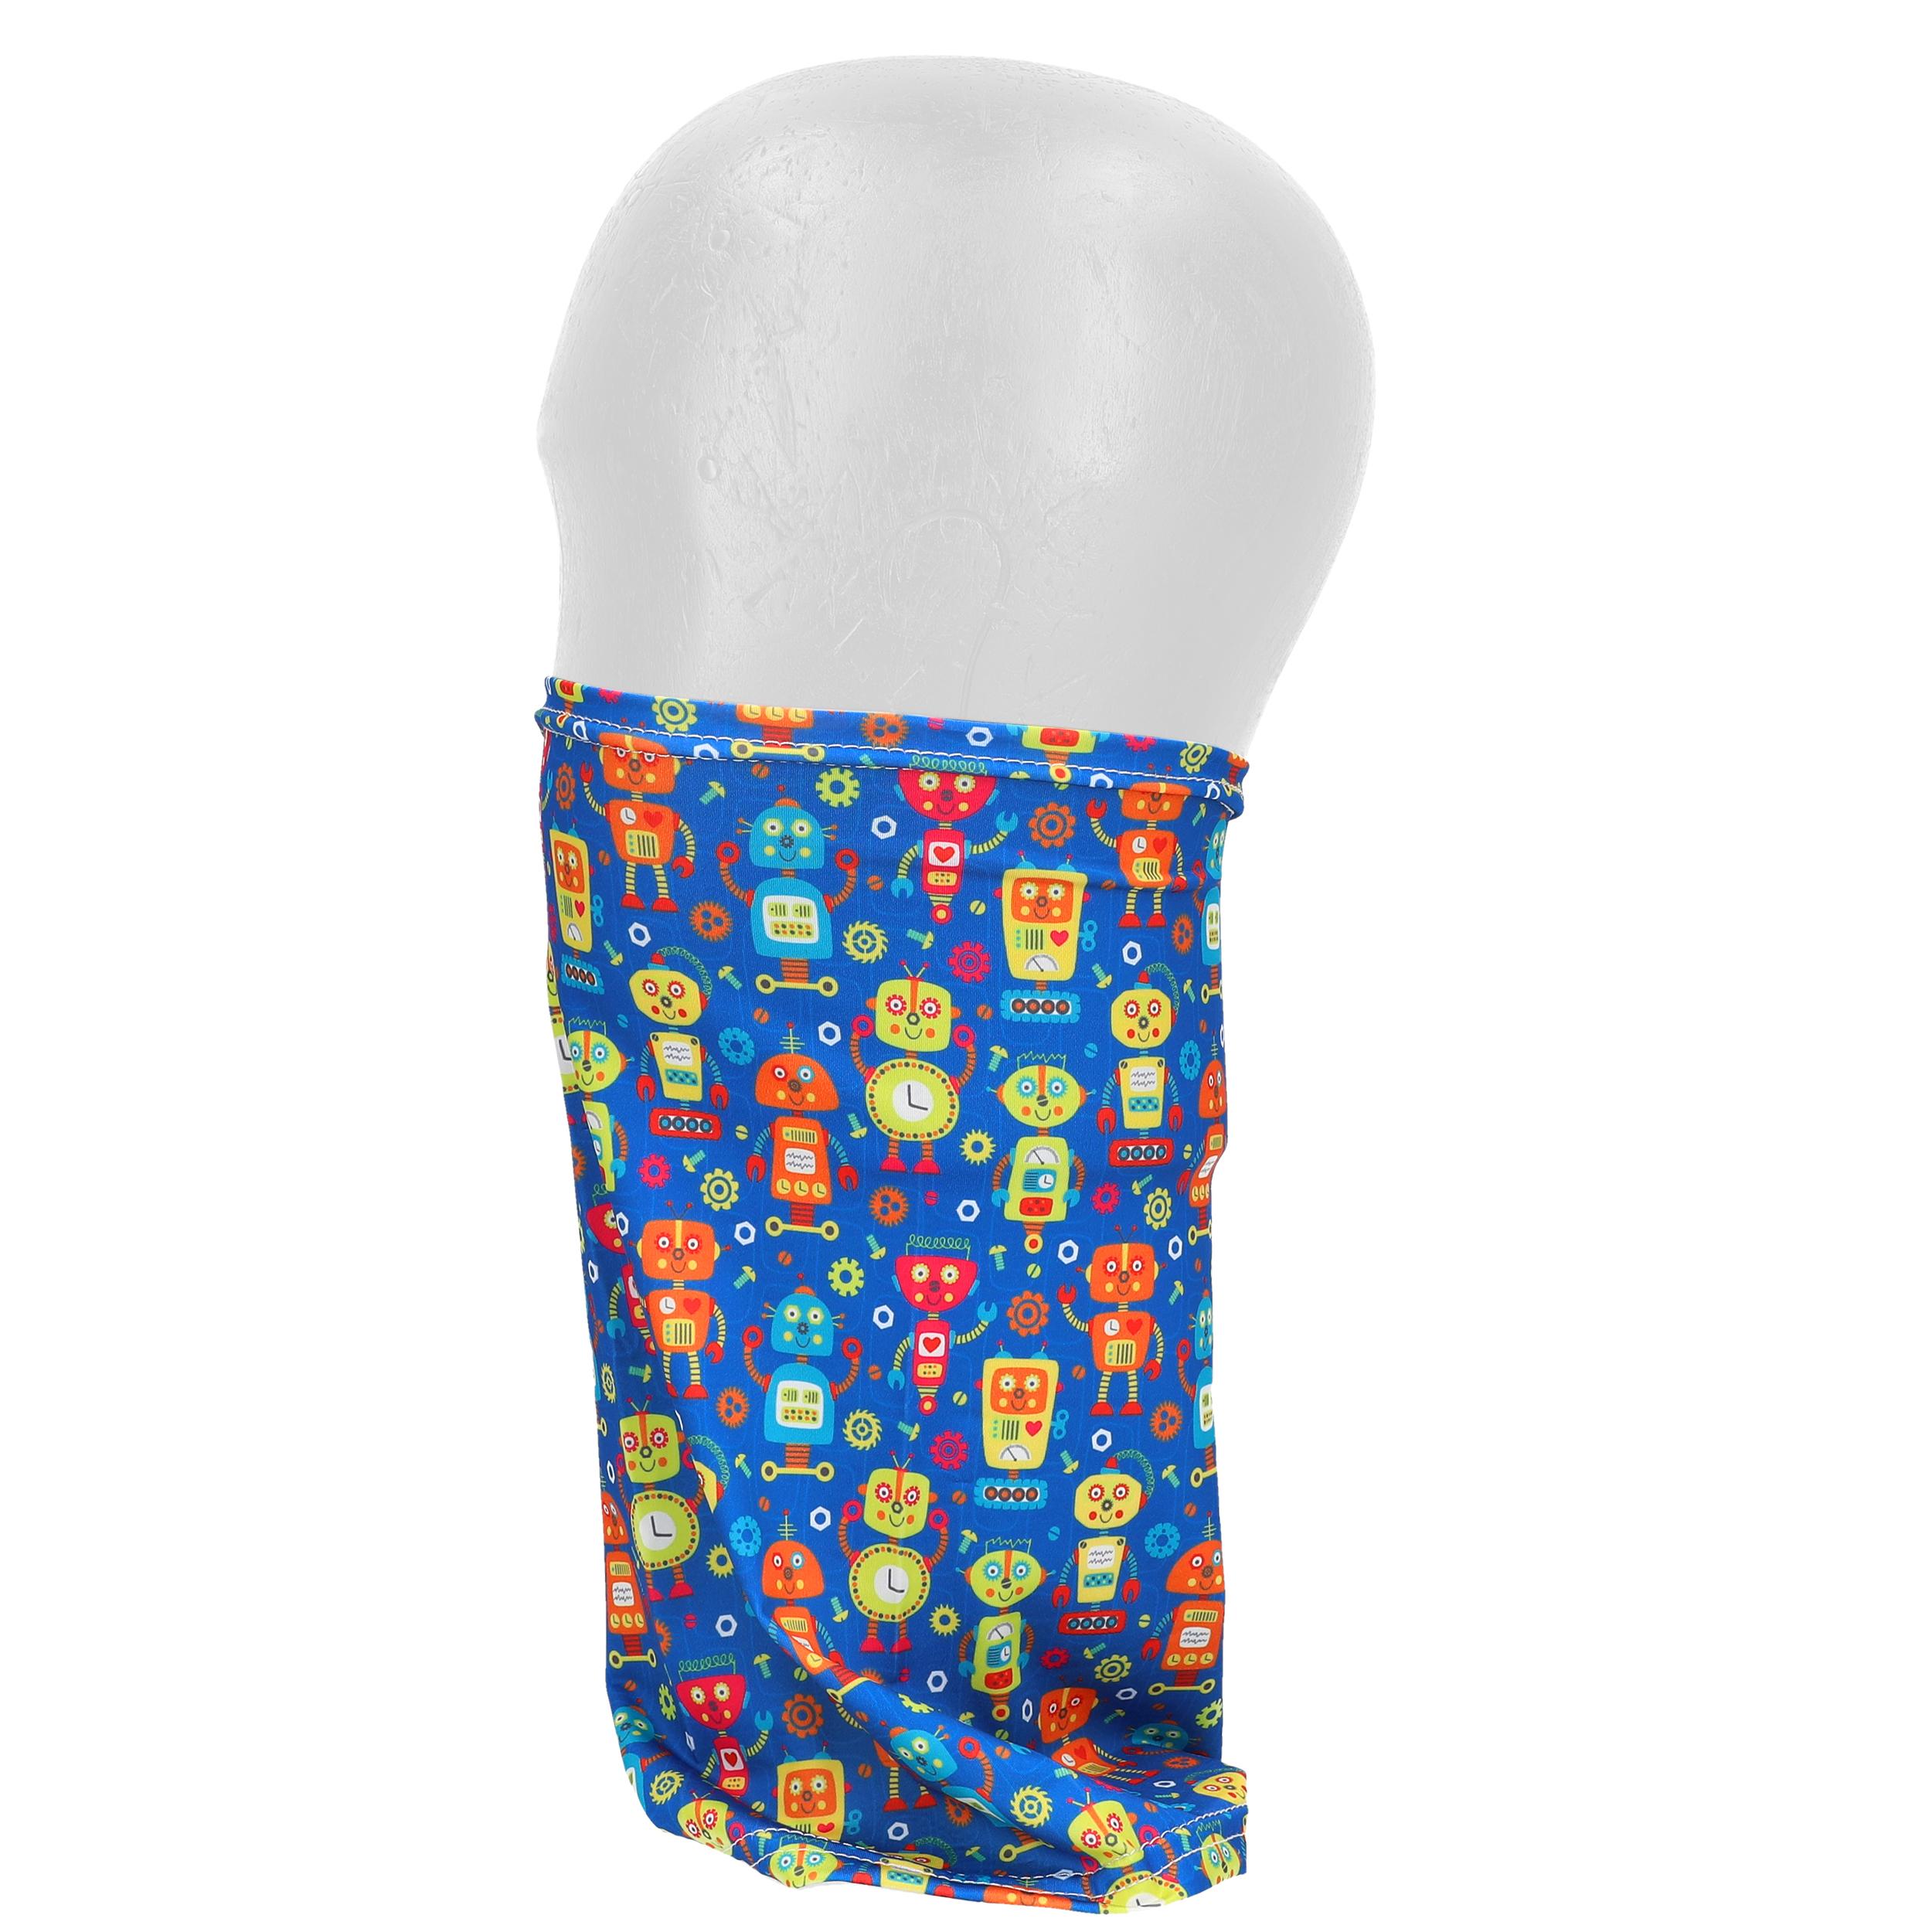 Indexbild 82 - Kinder Schlauchschal Maske Gesichtsmaske Mund Nase Bedeckung Halstuch waschbar